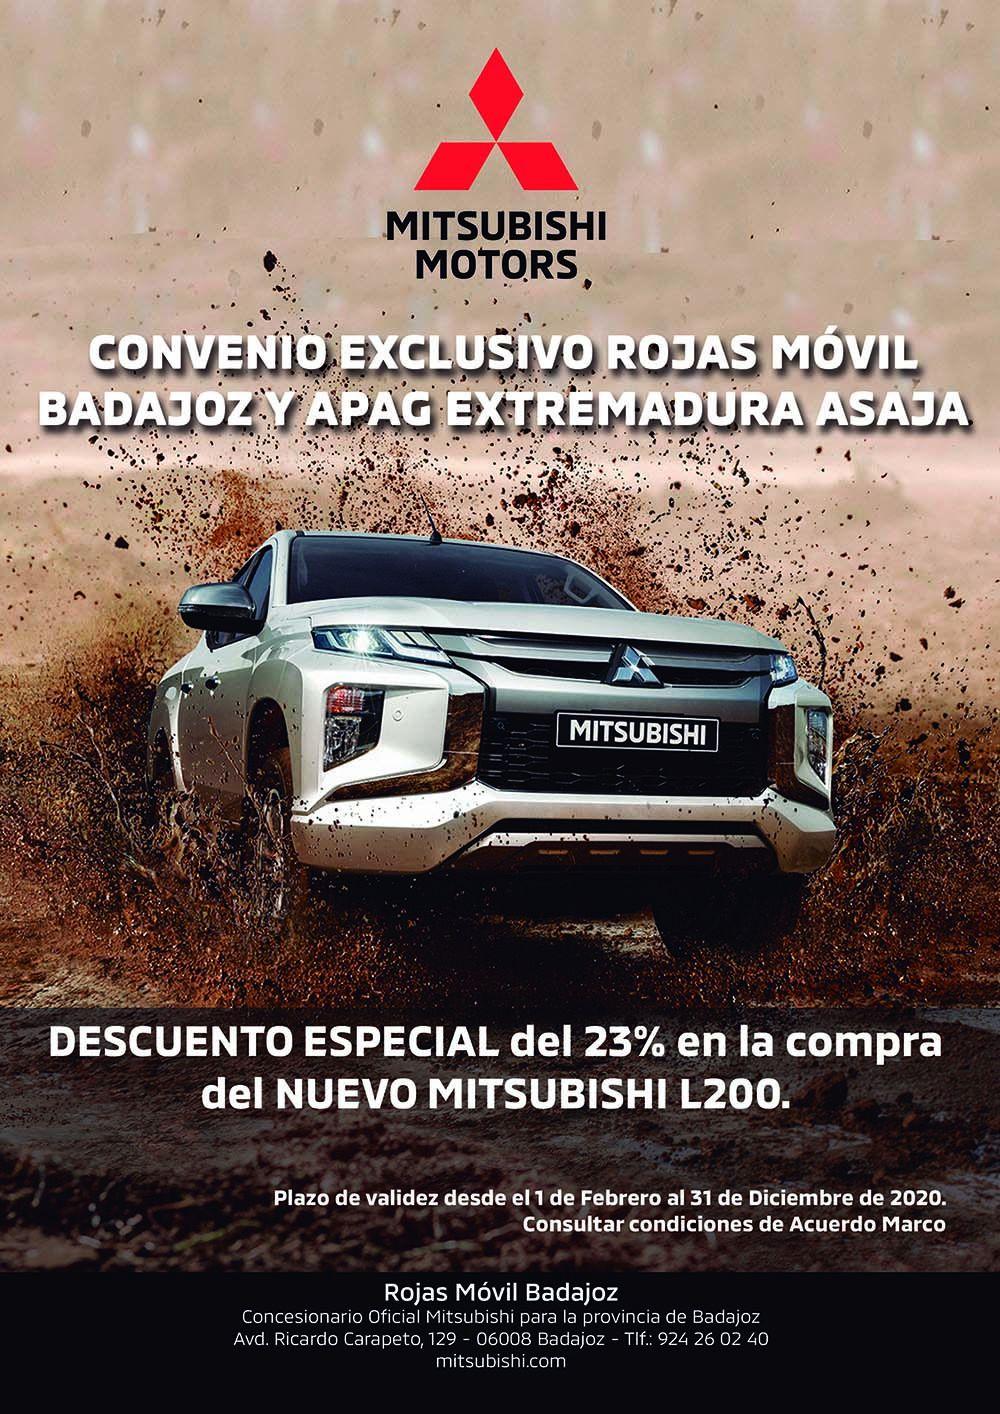 Convenio EXCLUSIVO Mitusbishi Rojas Móvil Badajoz con APAG EXTREMADURA ASAJA